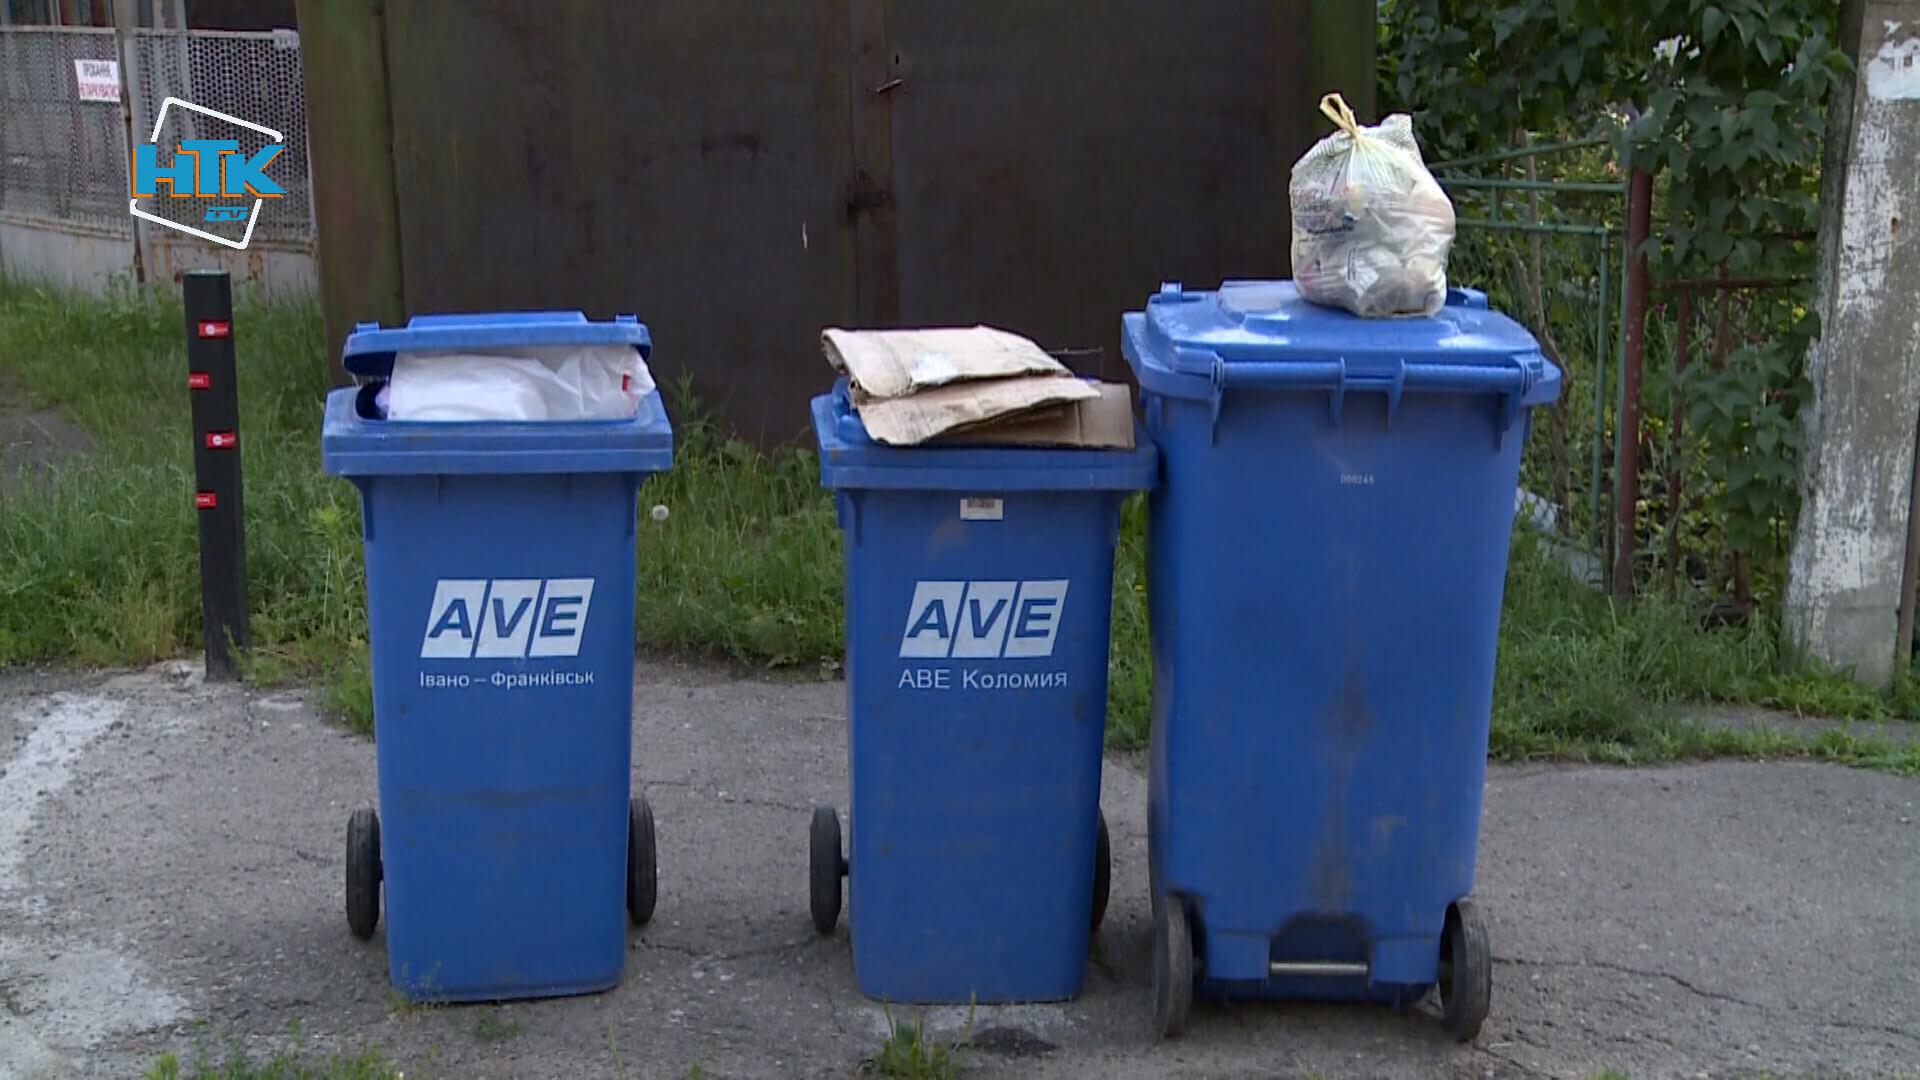 У Коломиї визначили фірми, які вивозитимуть сміття: трапився сміттєвий колапс (ВІДЕО)